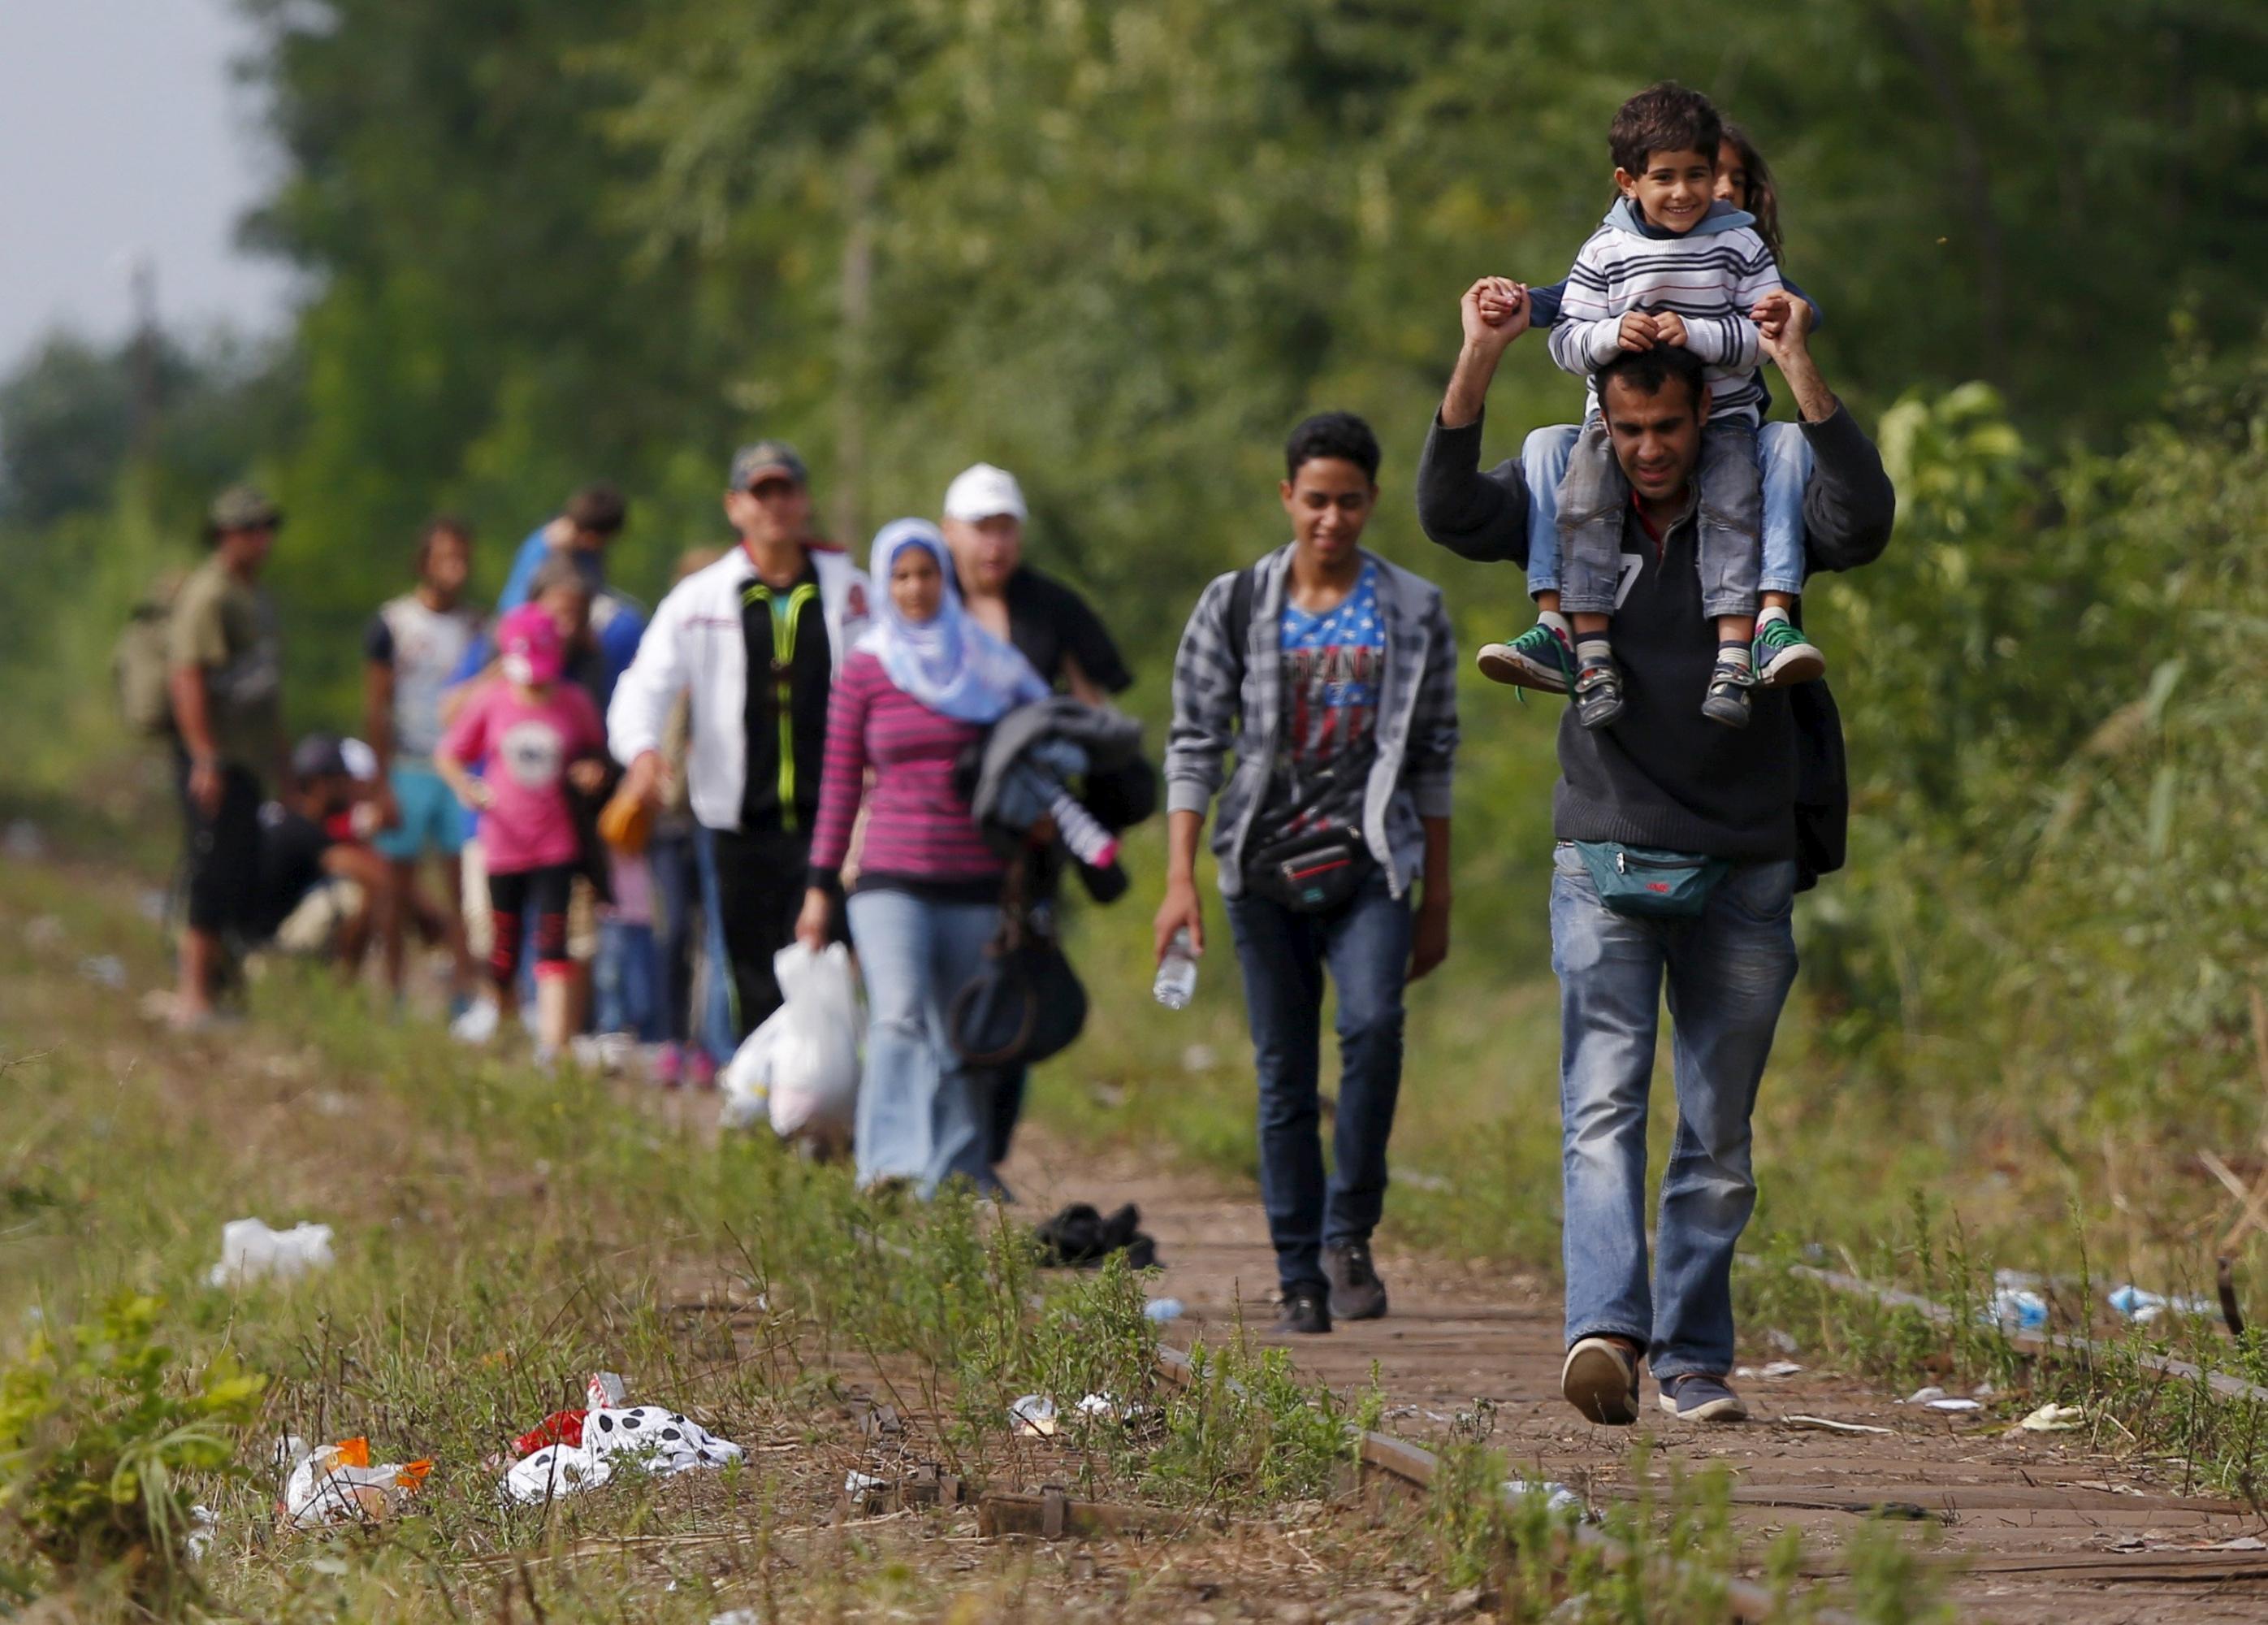 Foto REUTERS: Refugiados en la frontera entre Serbia y Hungria